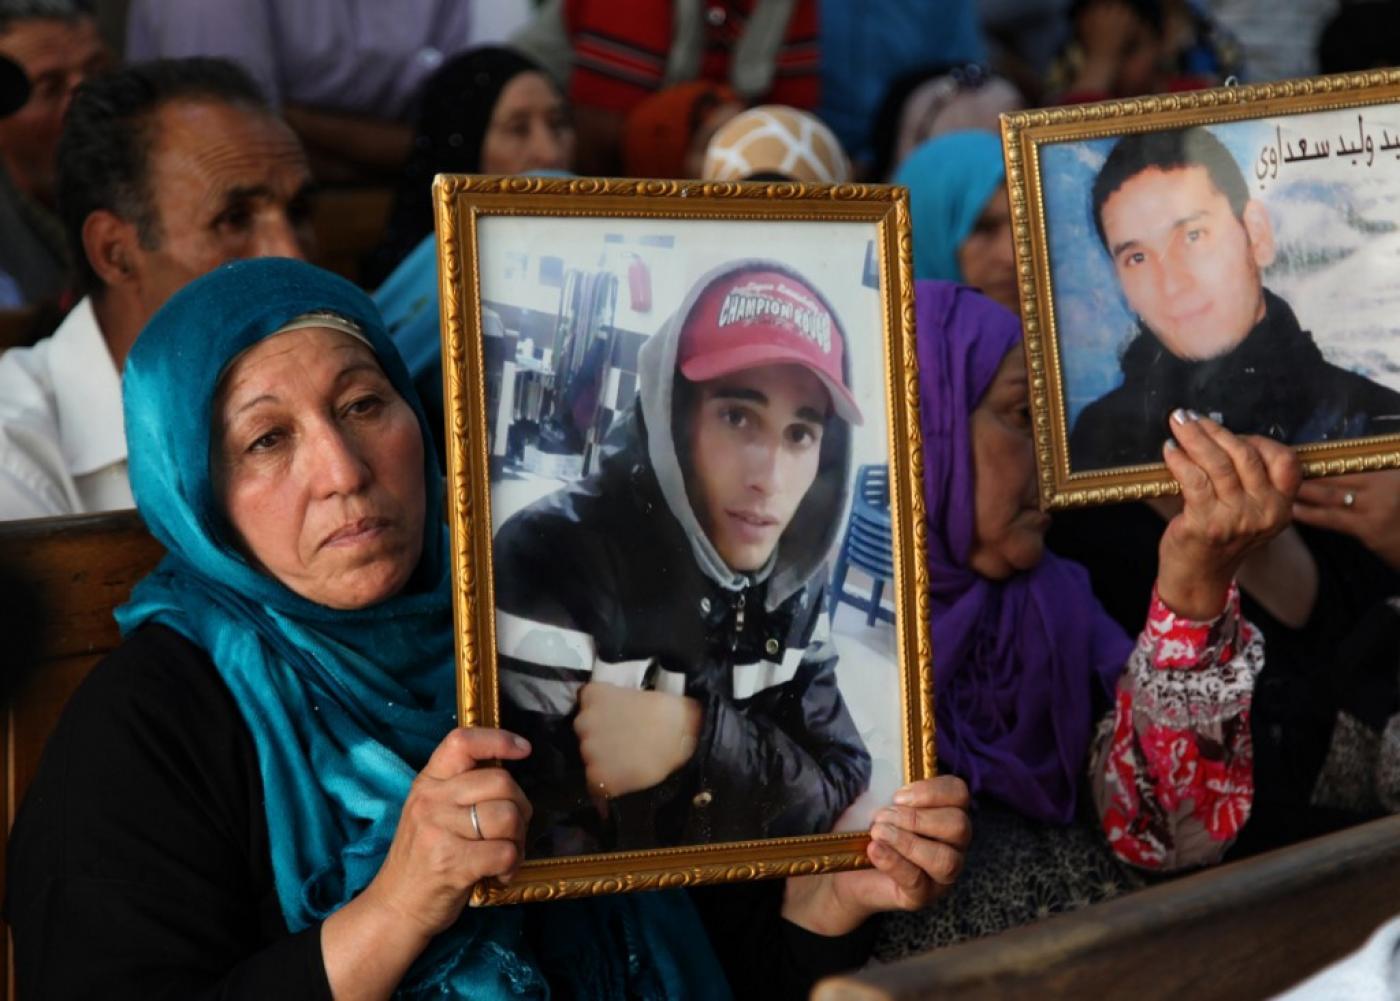 Des familles de victimes de la révolution tunisienne montrent des photos de leurs proches à l'intérieur du palais de justice de Kasserine lors d'un procès organisé par l'Instance vérité et dignité, le 13 juillet 2018 (AFP)